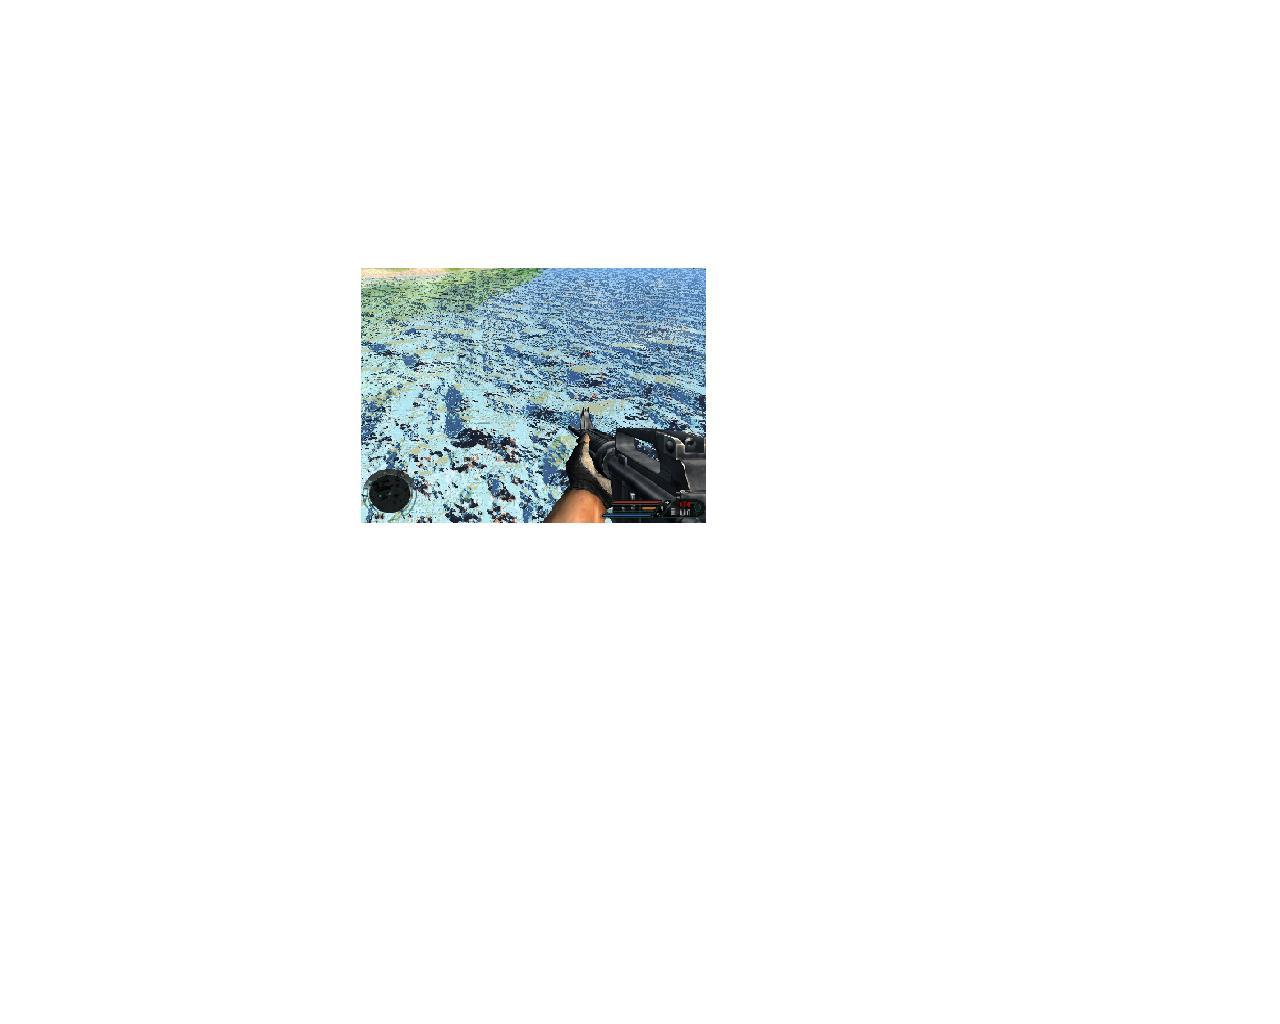 Klicke auf die Grafik für eine größere Ansicht  Name:FarCry2.JPG Hits:57 Größe:59,1 KB ID:69686